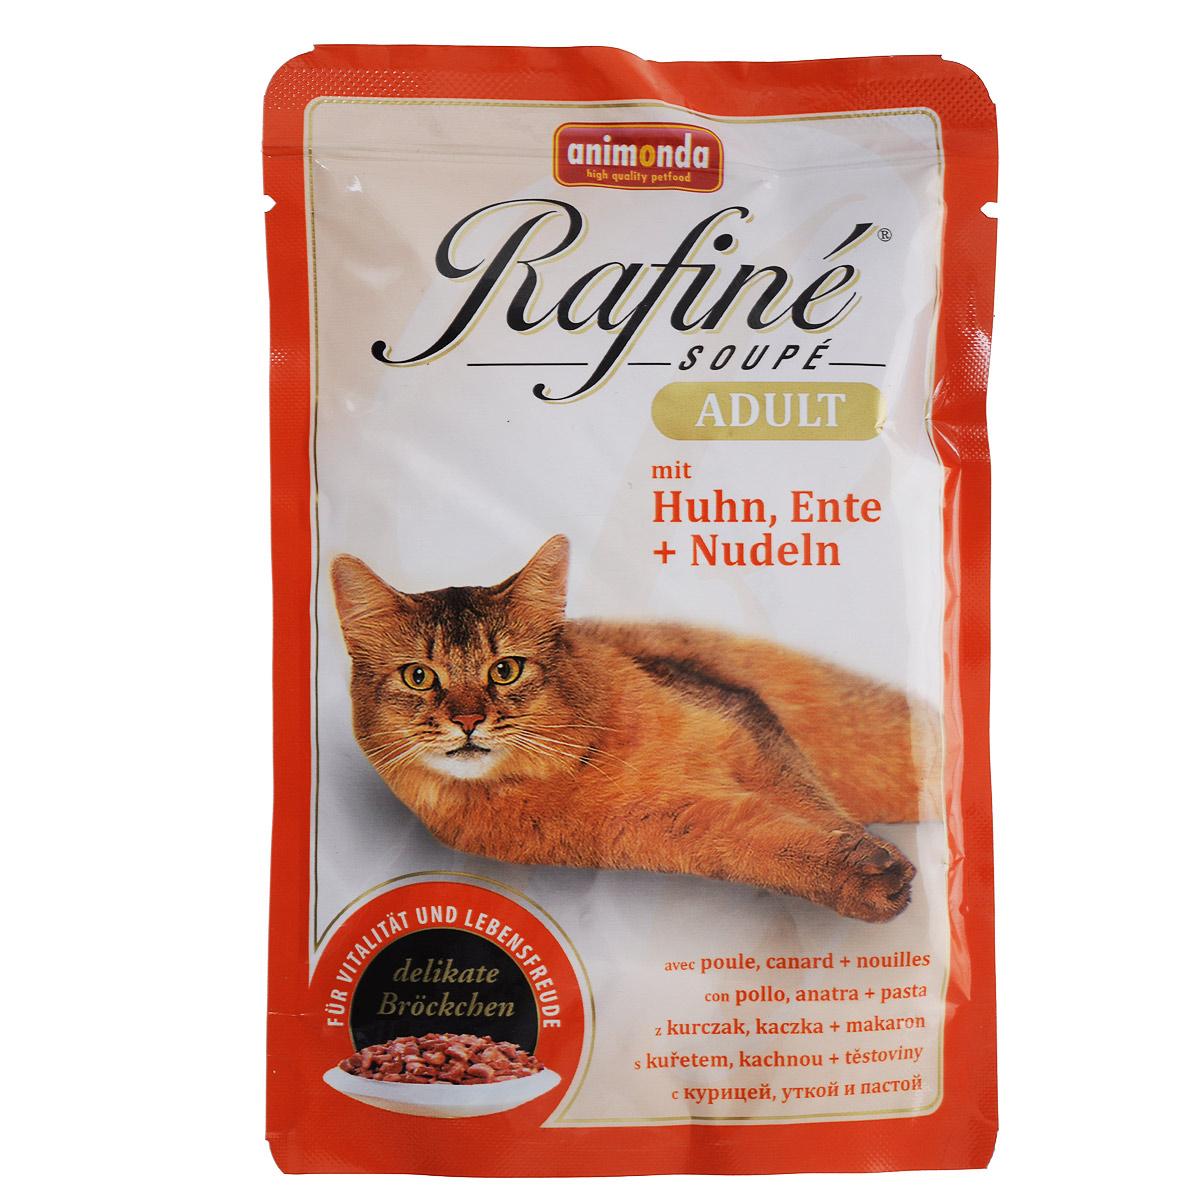 Консервы для кошек Animonda Rafine Soupe Adult, с курицей, уткой и пастой, 100 г54002Линия консервированного полноценного питания Rafine Soupe Adult создана для рафинированных гурманов в кошачьем царстве. Вся продукция этой линии содержит тщательно сбалансированную комбинацию жизненно важных витаминов и минералов. Состоит из специально отобранных сортов мяса. Не содержит сои, искусственных красителей и консервантов. мясо и субпродукты животного происхождения. Нежное мясо птицы - источник протеина, необходимого кошке оставаться в отличной физической форме. Настоящая паста из твердых сортов пшеницы нормализует процессы пищеварения и микрофлору кишечника. Состав: мясо и мясные продукты (курица 20%, утка 10%), макаронные изделия (паста 4%), злаки, минералы. Анализ: белок 8%, жир 5%, клетчатка 0,3%, зола 2%, влажность 81%. Полноценное консервированное питание для взрослых кошек высшего качества. Добавки на 1 кг продукта: витамин D3 250 МЕ, медь 2 мг, цинк 5 мг, марганец 1,5 мг, йод 0,5 мг. Вес: 100 г. ...